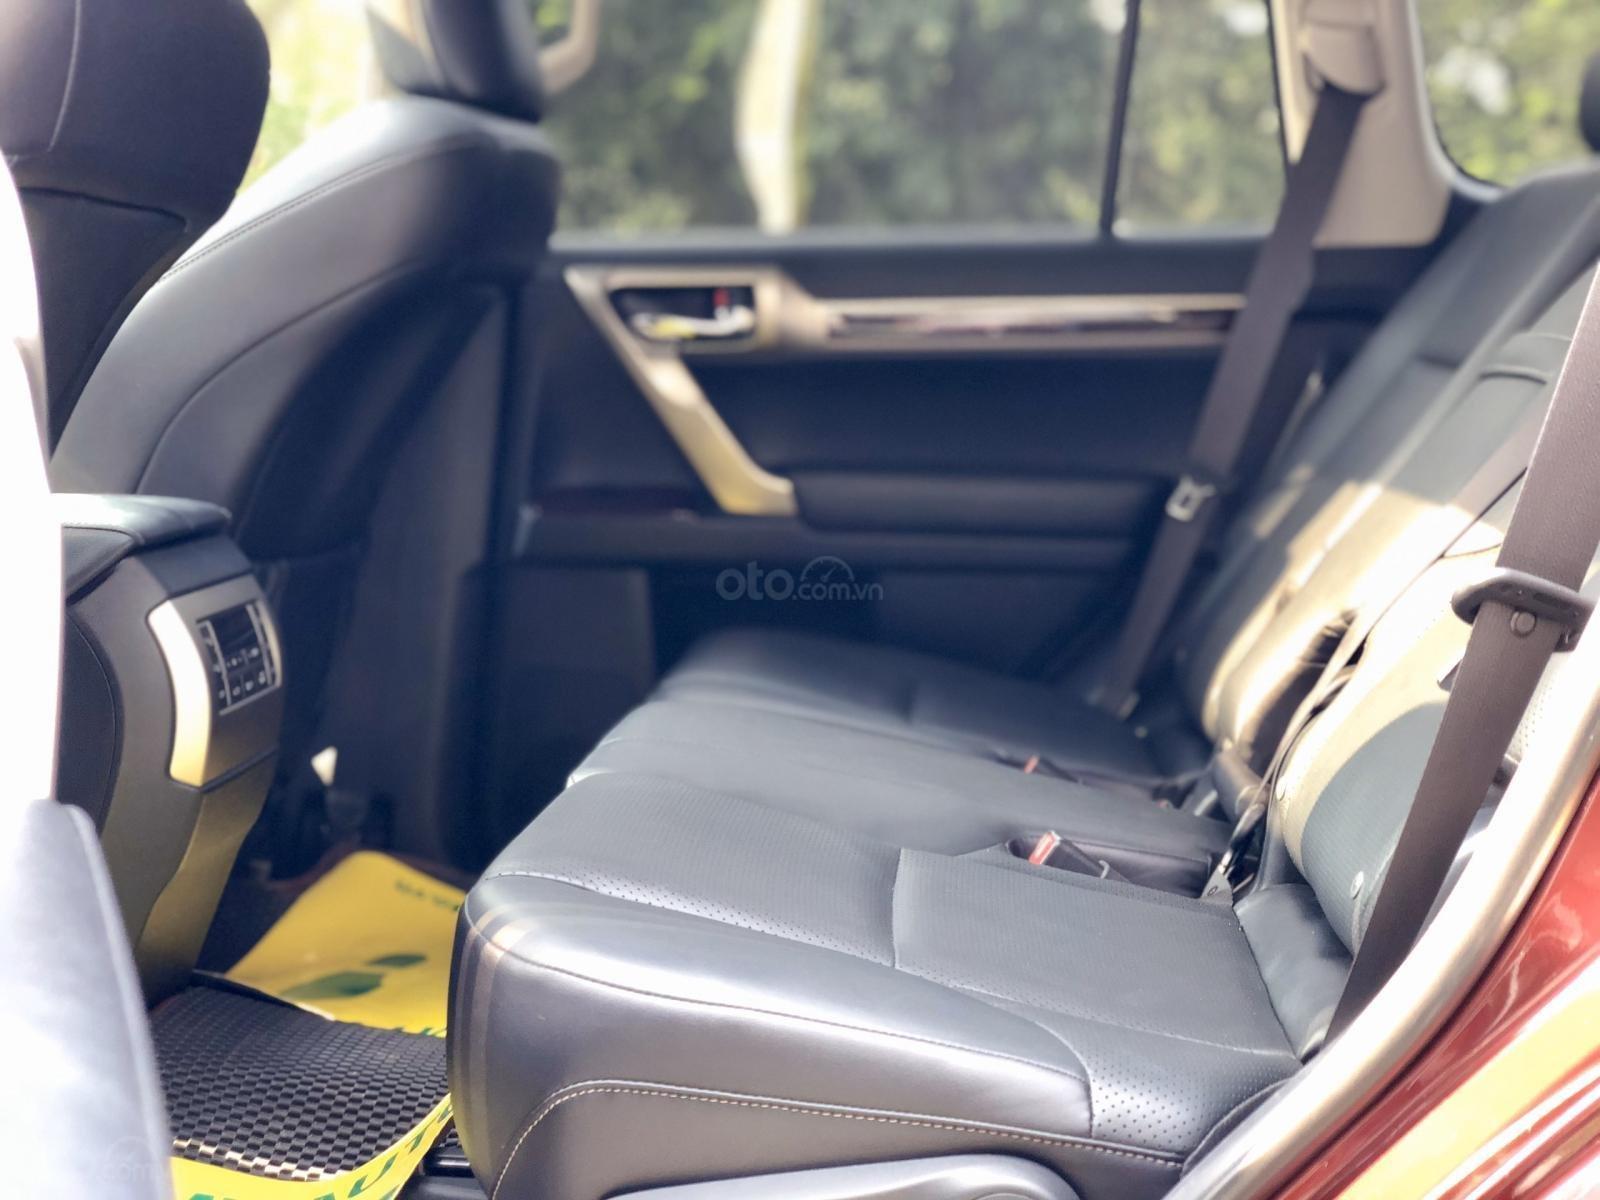 Bán Lexus GX 460 đời 2015, giao xe toàn quốc LH 094.539.2468 Ms Hương (9)